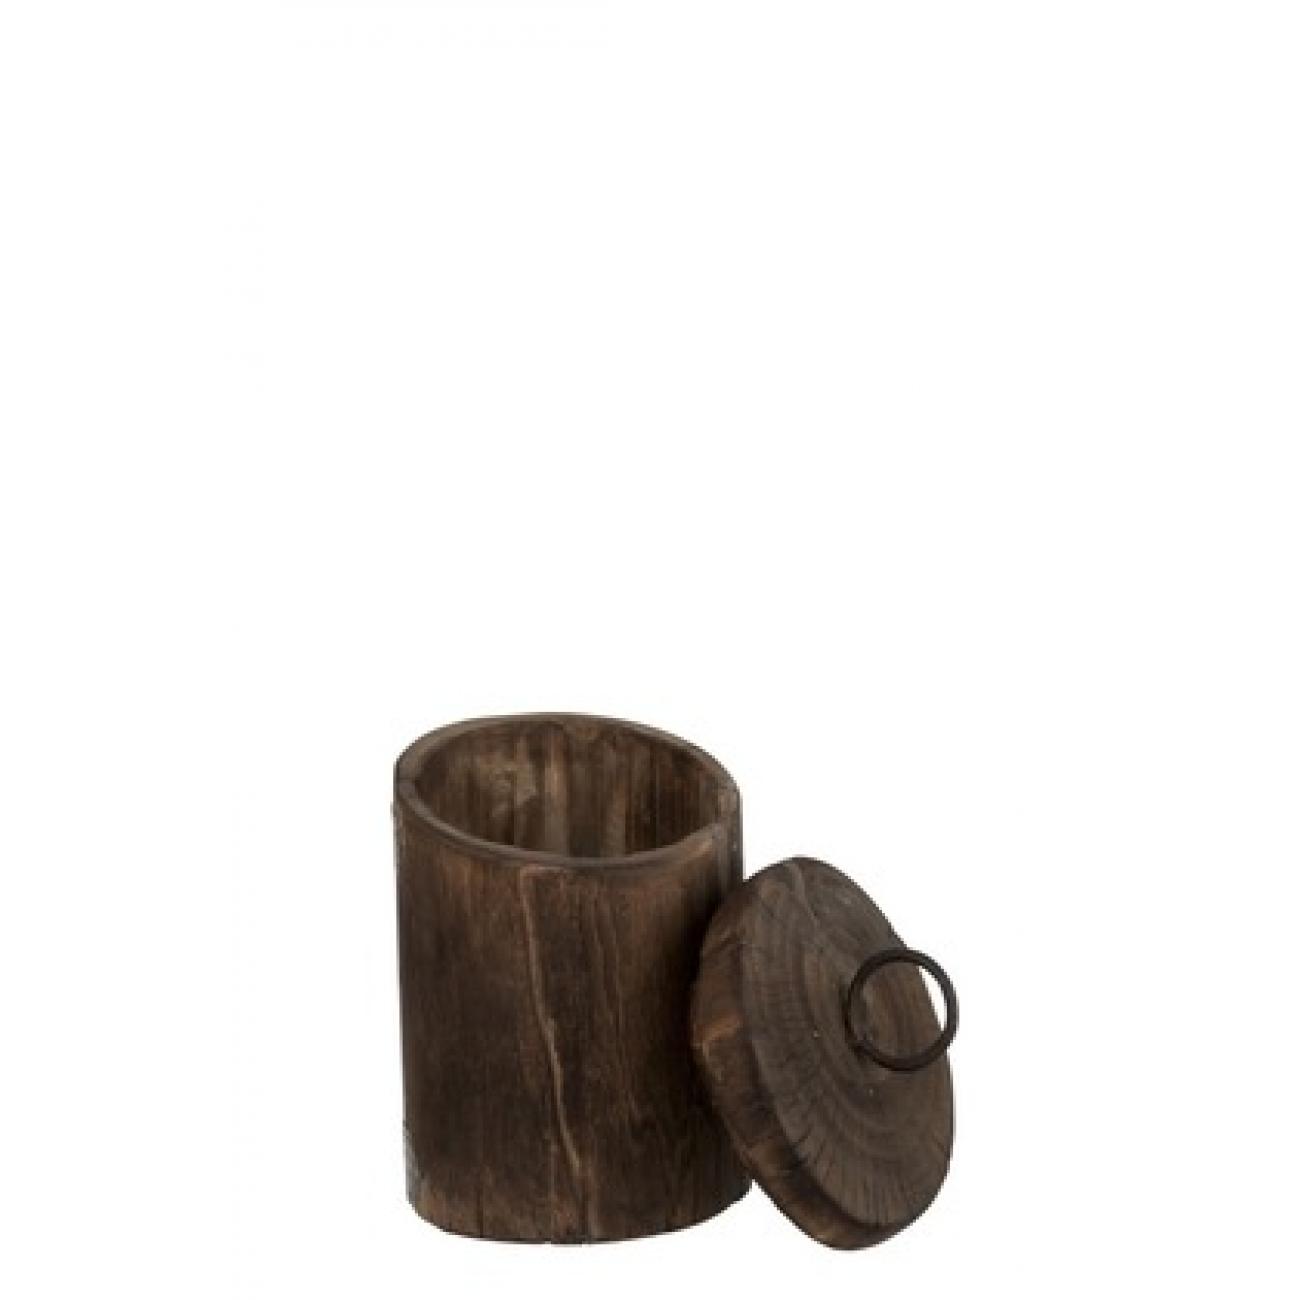 Емкость шкатулка J-LINE  для хранения деревянная коричневая дерева манго высота 21 см